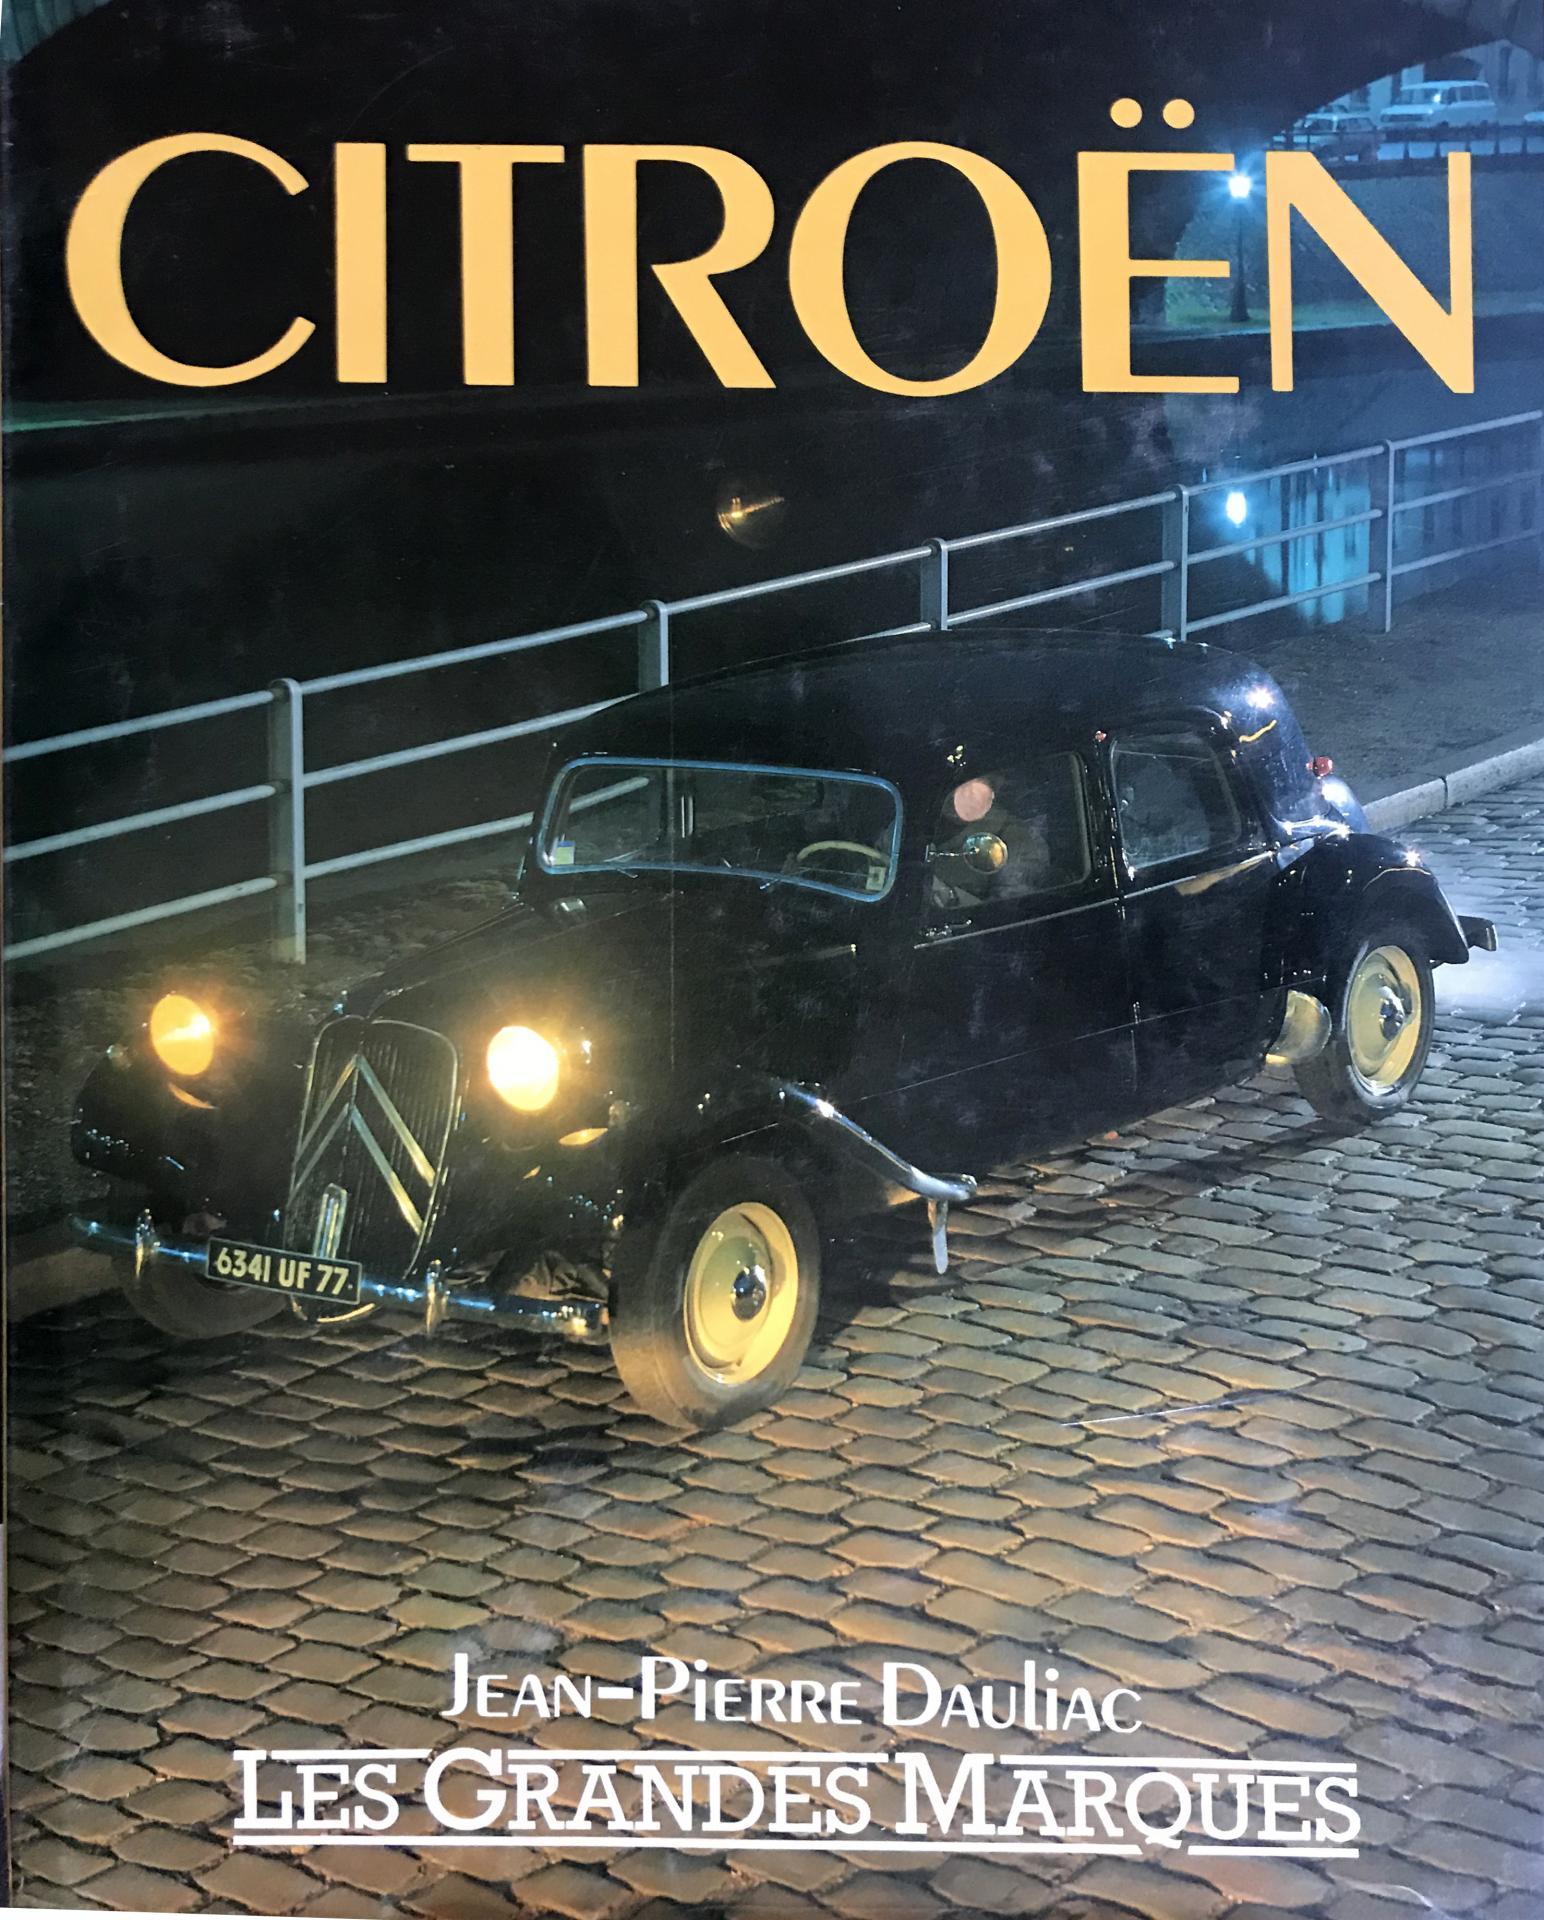 1987 Citroën les grandes marques